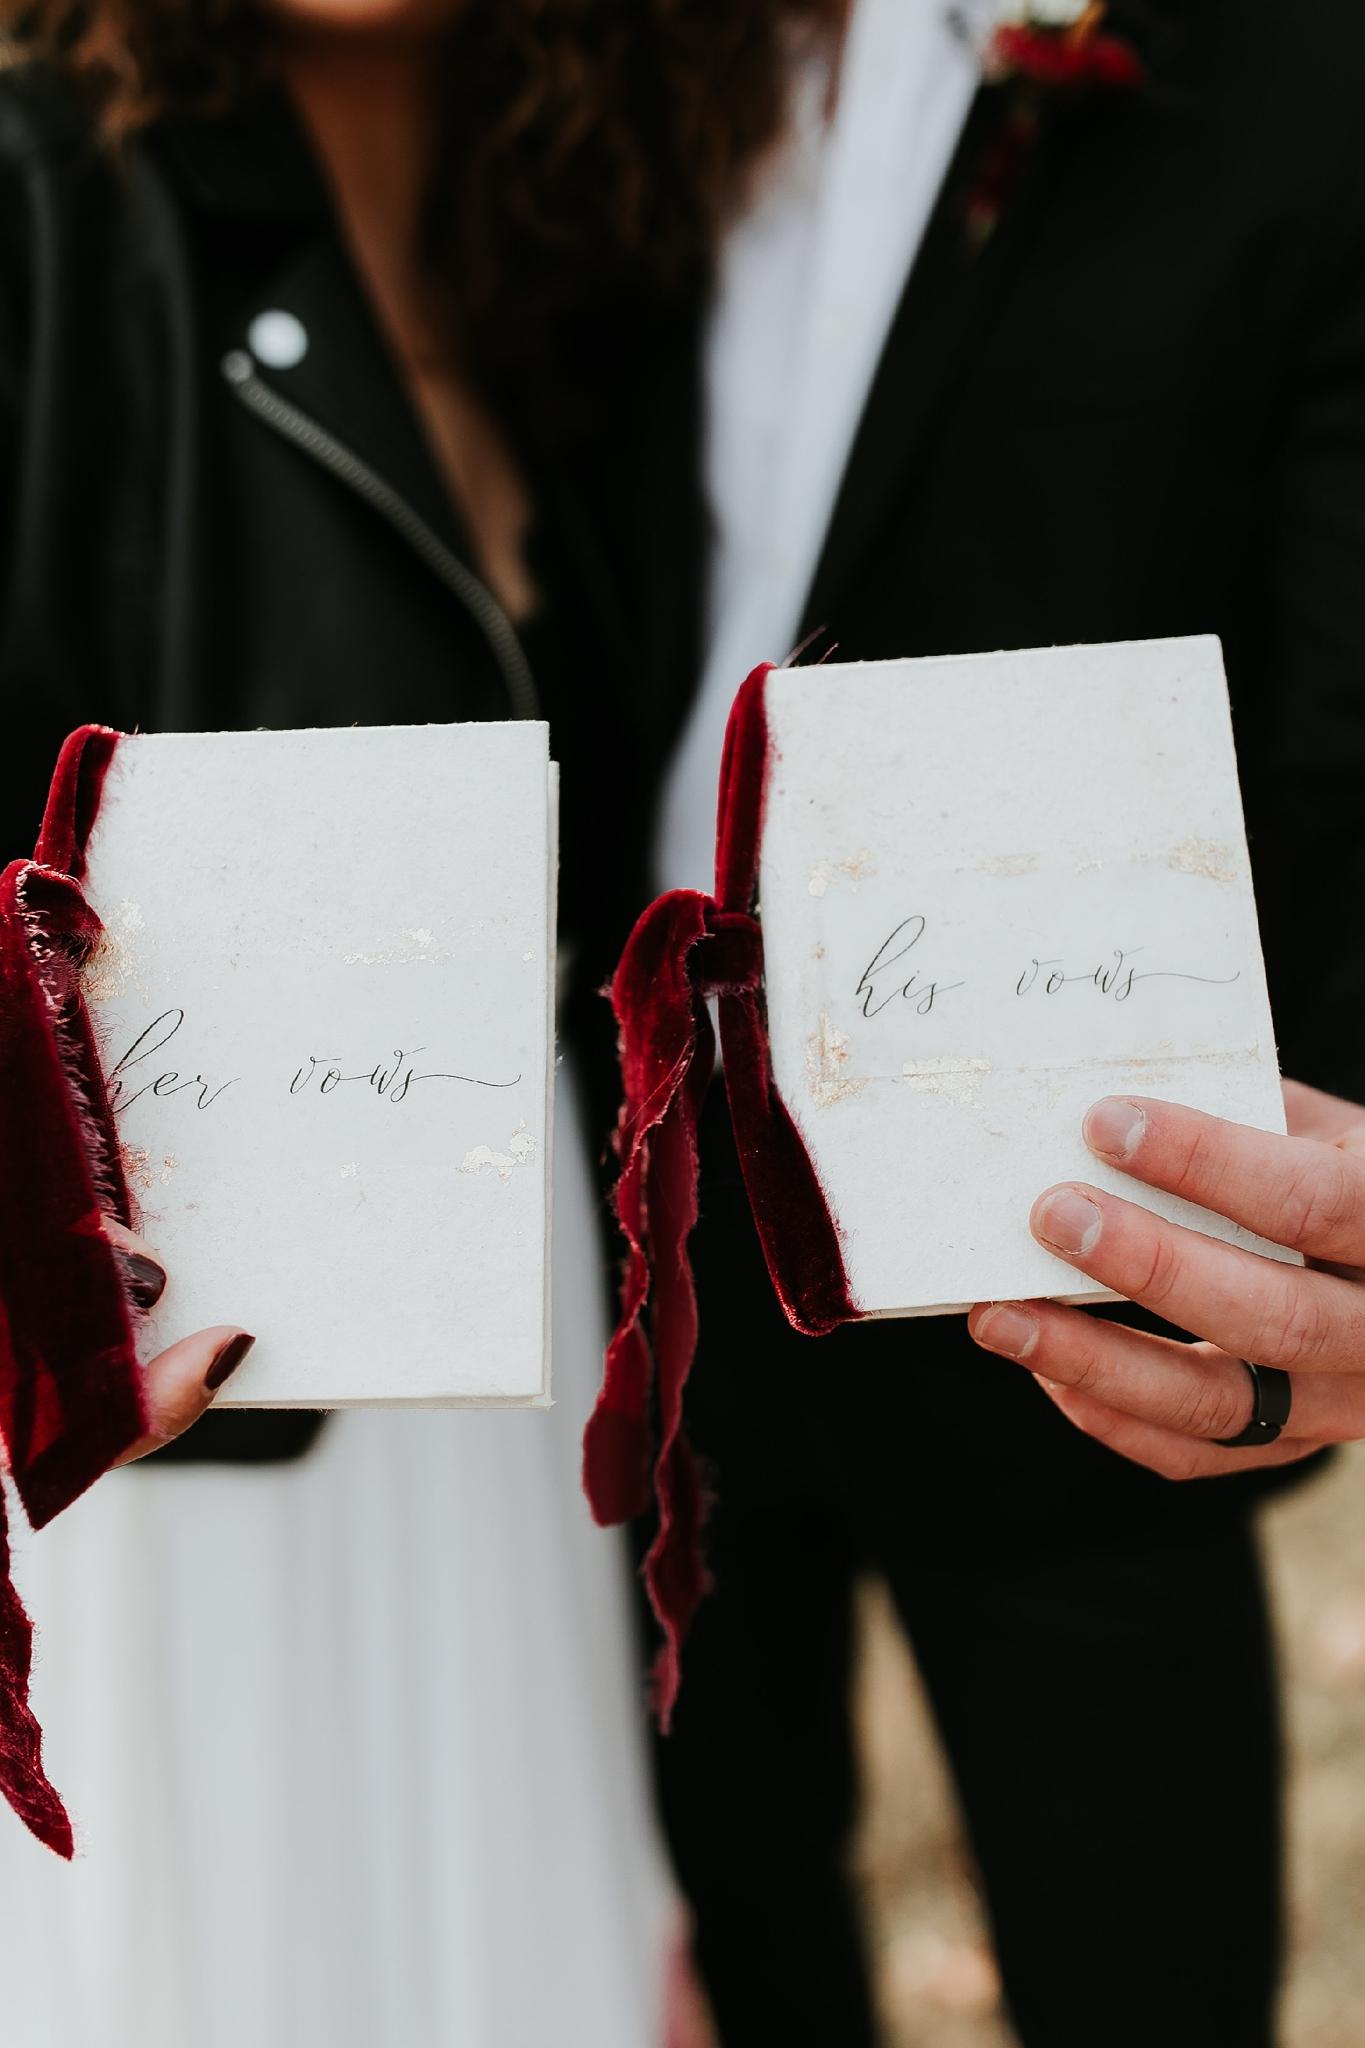 Alicia+lucia+photography+-+albuquerque+wedding+photographer+-+santa+fe+wedding+photography+-+new+mexico+wedding+photographer+-+new+mexico+wedding+-+wedding+vows+-+writing+your+own+vows+-+wedding+inspo_0041.jpg